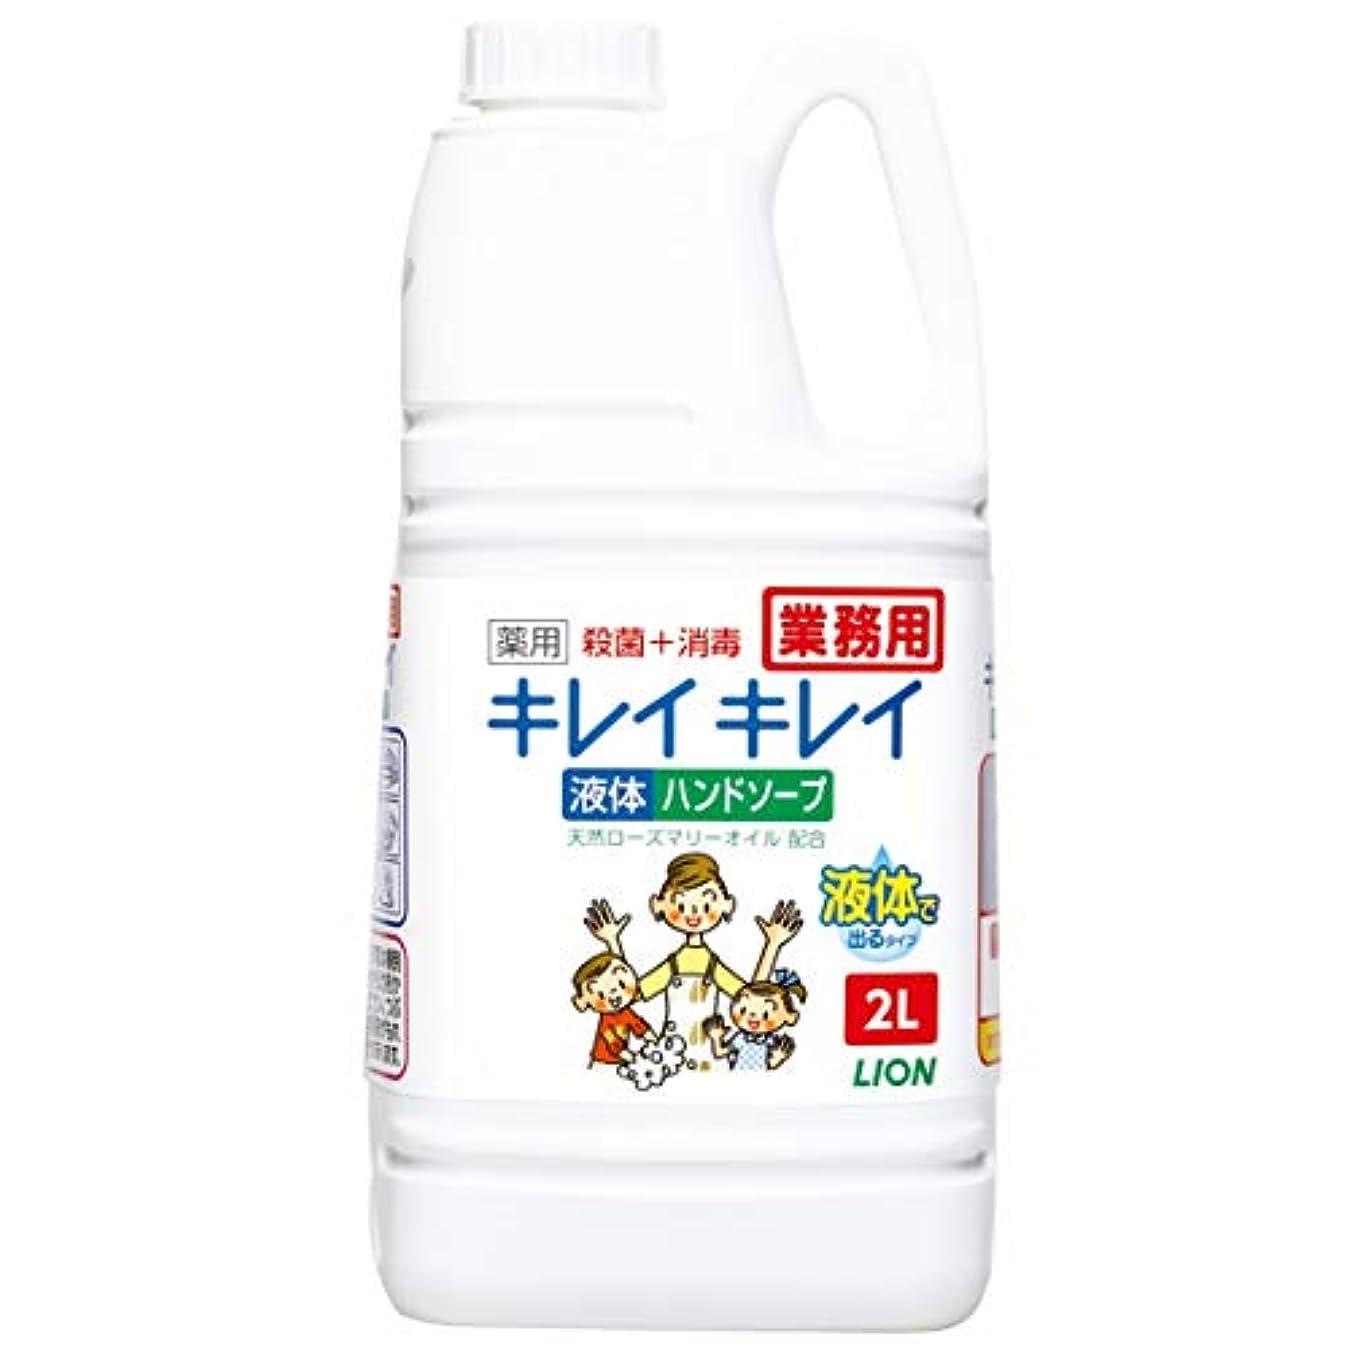 会計士肥料ブラウン【業務用 大容量】キレイキレイ 薬用 ハンドソープ 2L(医薬部外品)